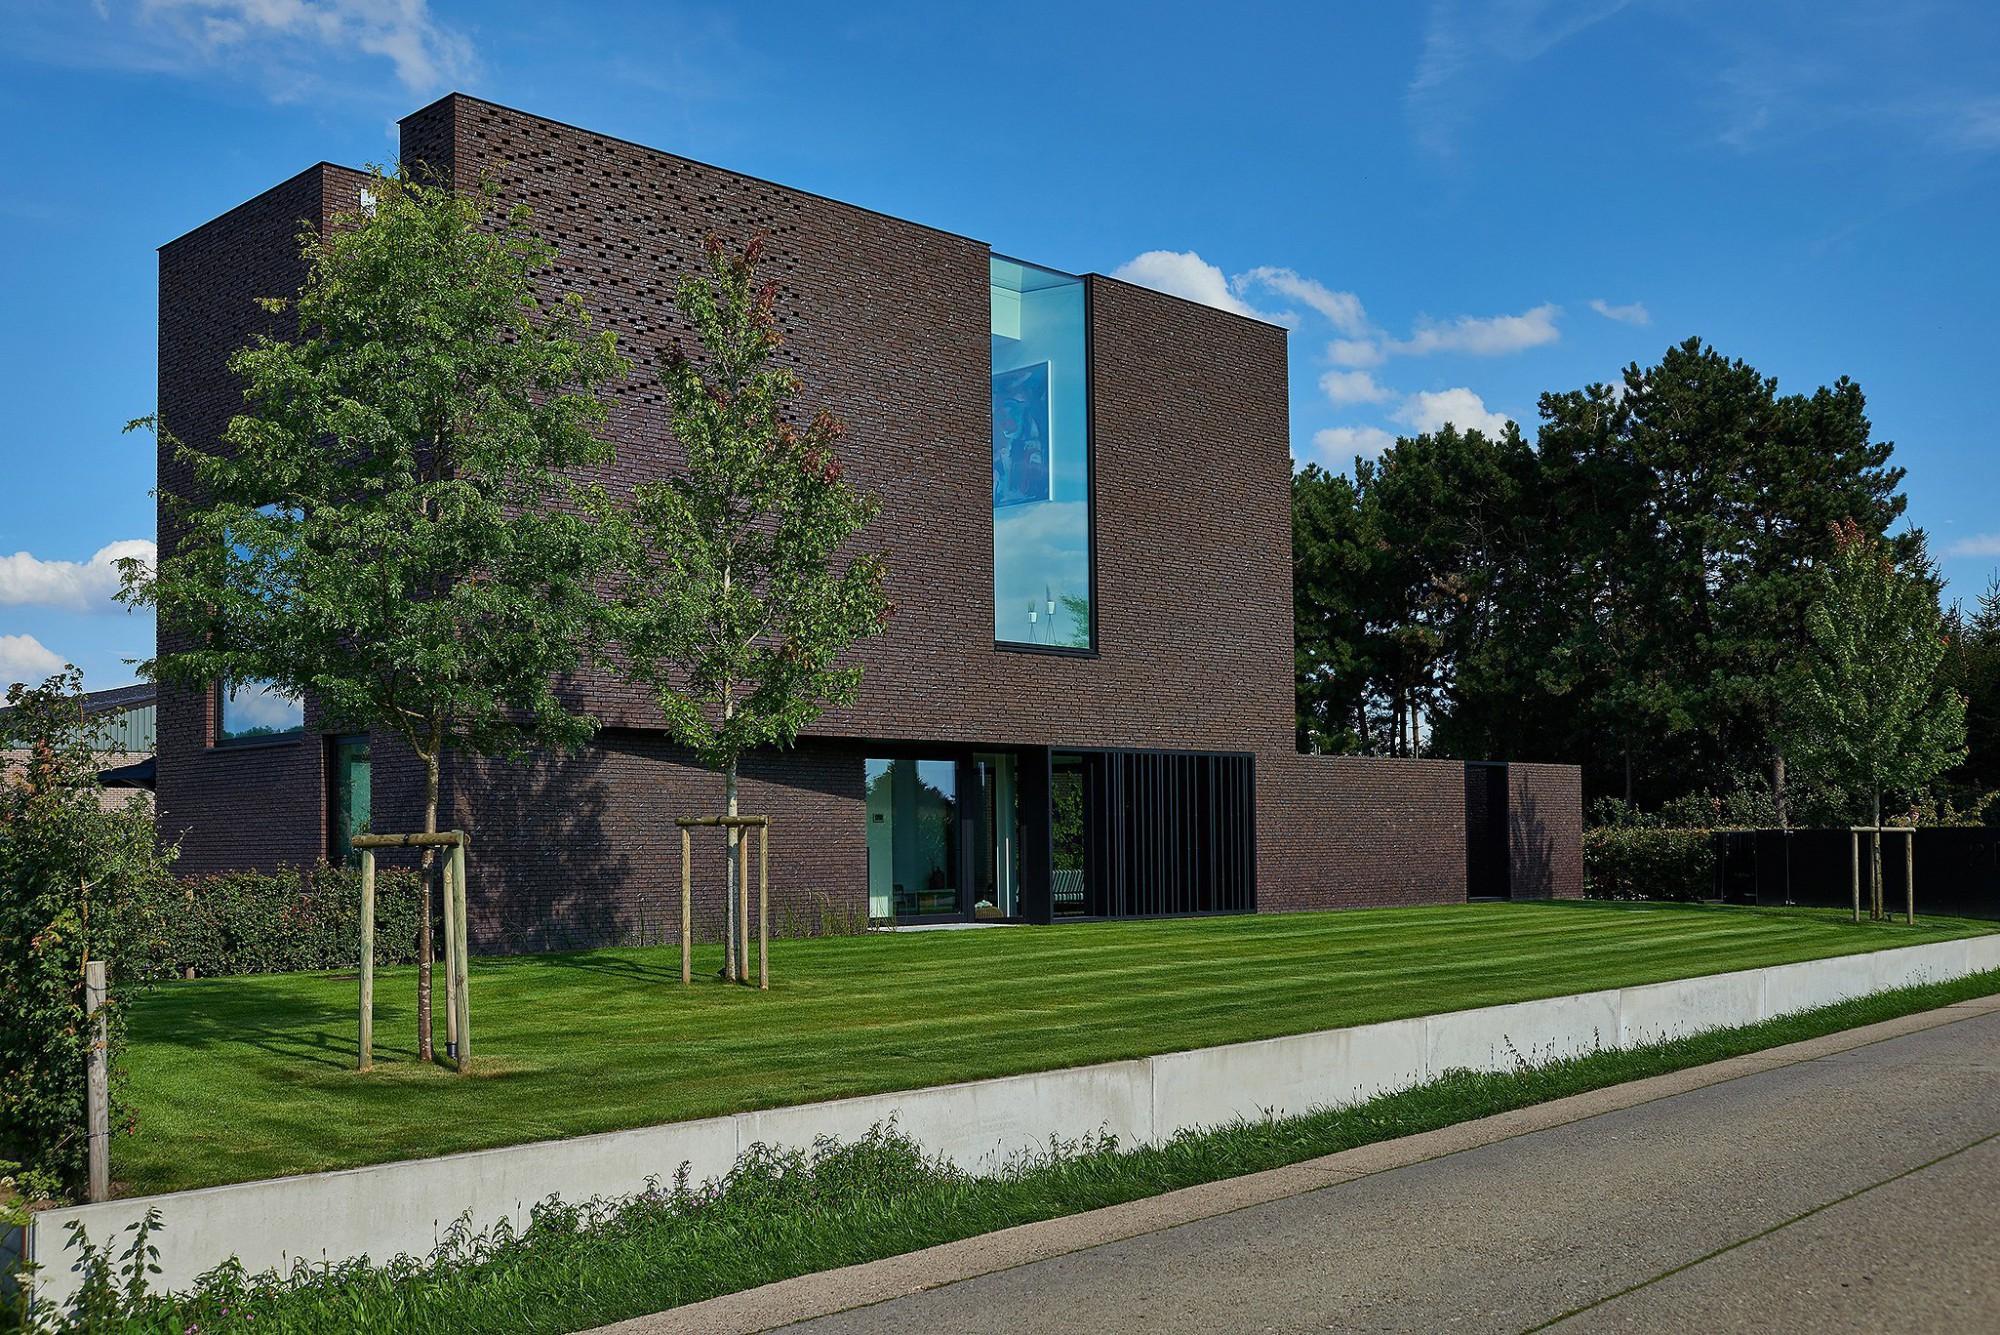 Afbeelding: Architectuur fotografie, moderne woning en tuin, voor Groenpunt.